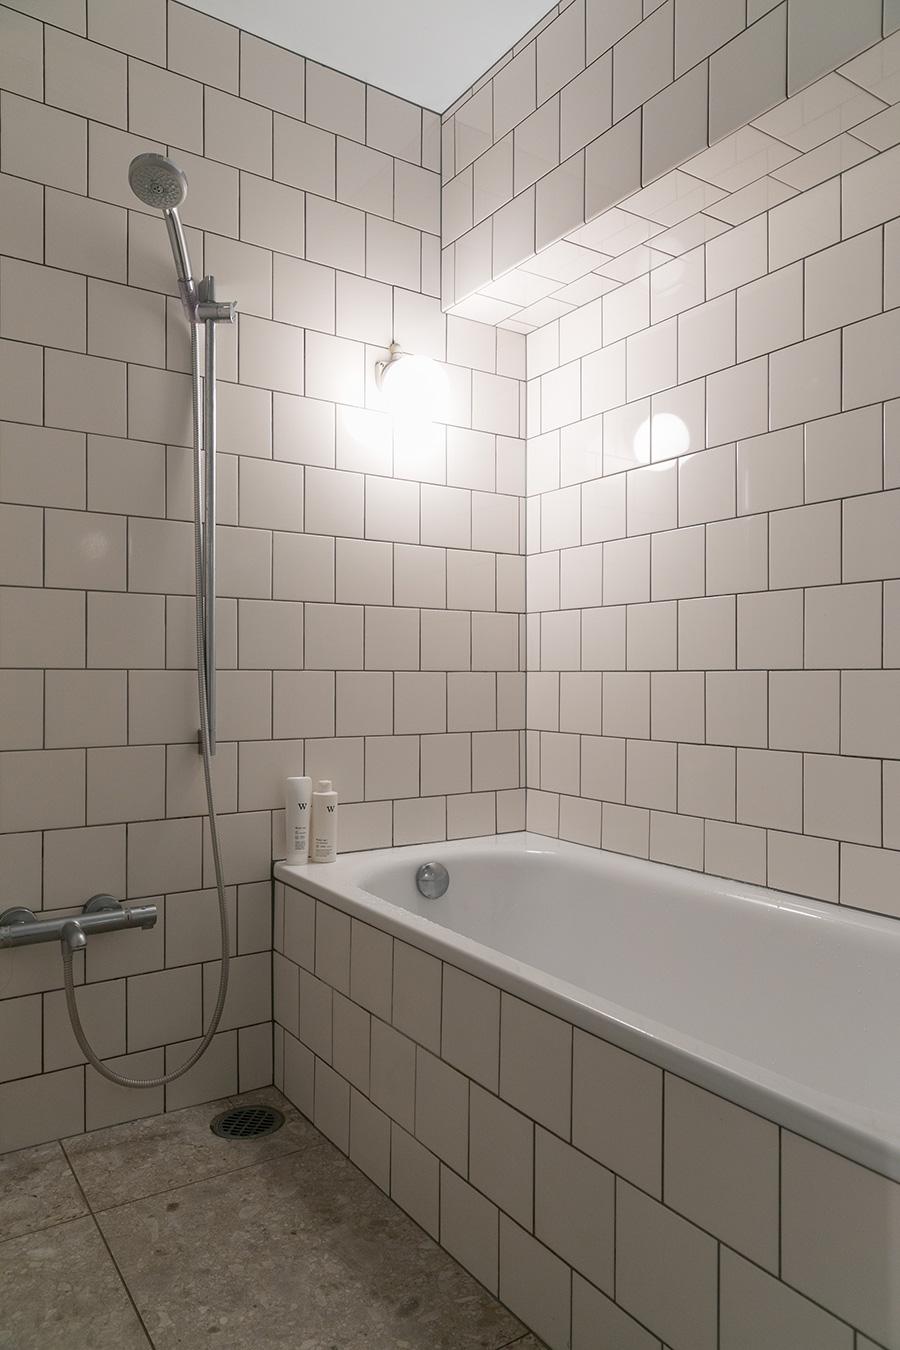 正方形のタイルと天然石の床がホテルライクなバスルーム。シャワーヘッドはグローエをチョイス。